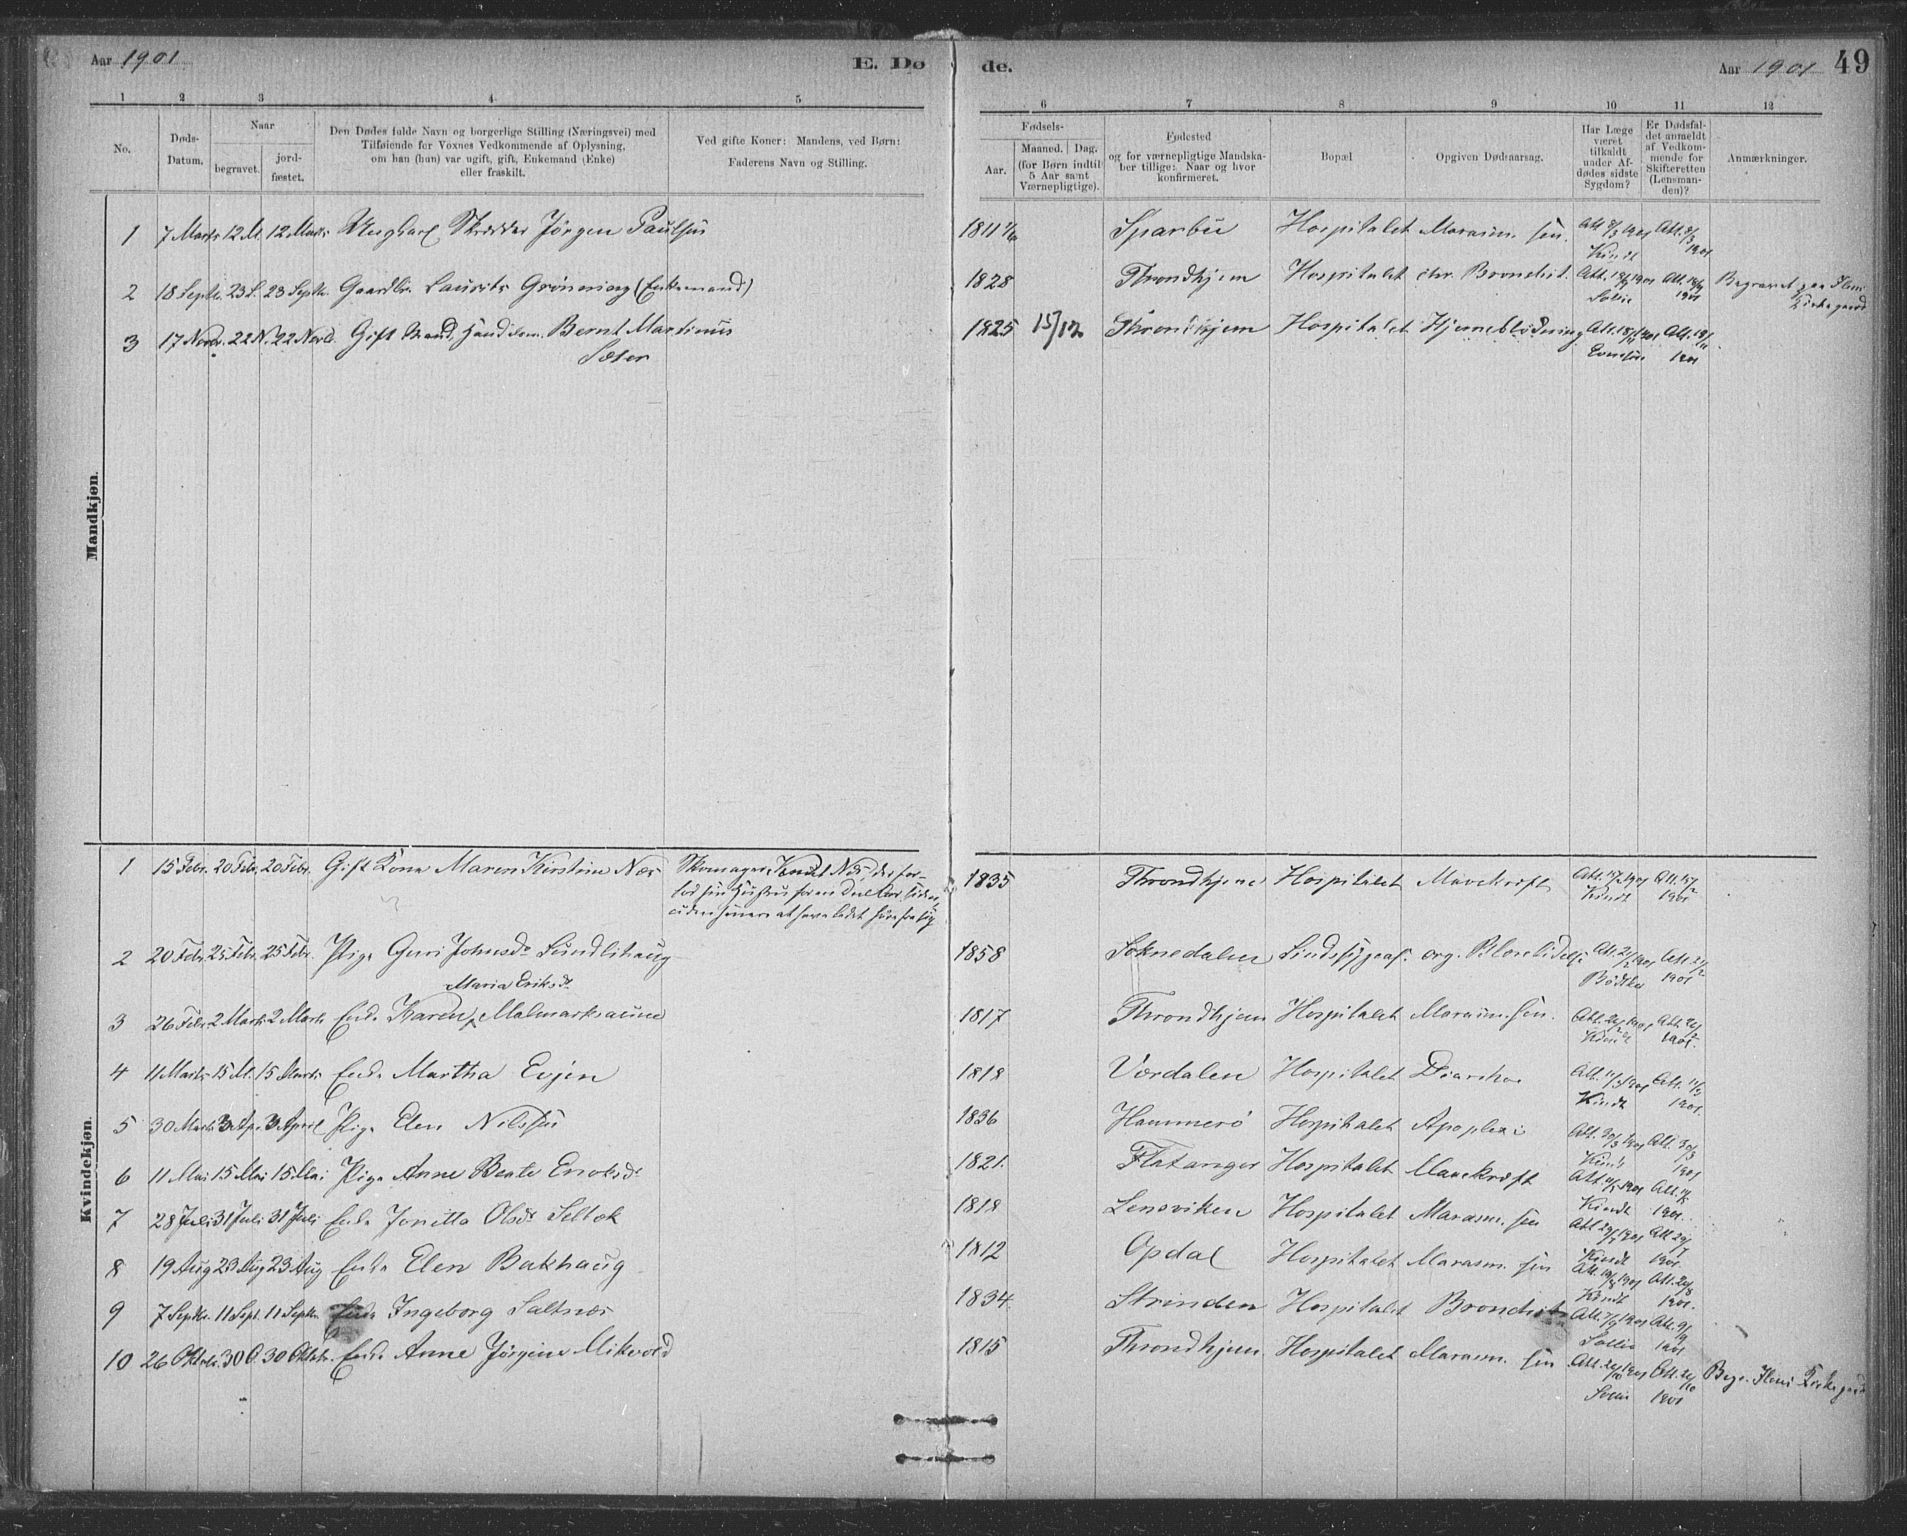 SAT, Ministerialprotokoller, klokkerbøker og fødselsregistre - Sør-Trøndelag, 623/L0470: Ministerialbok nr. 623A04, 1884-1938, s. 49